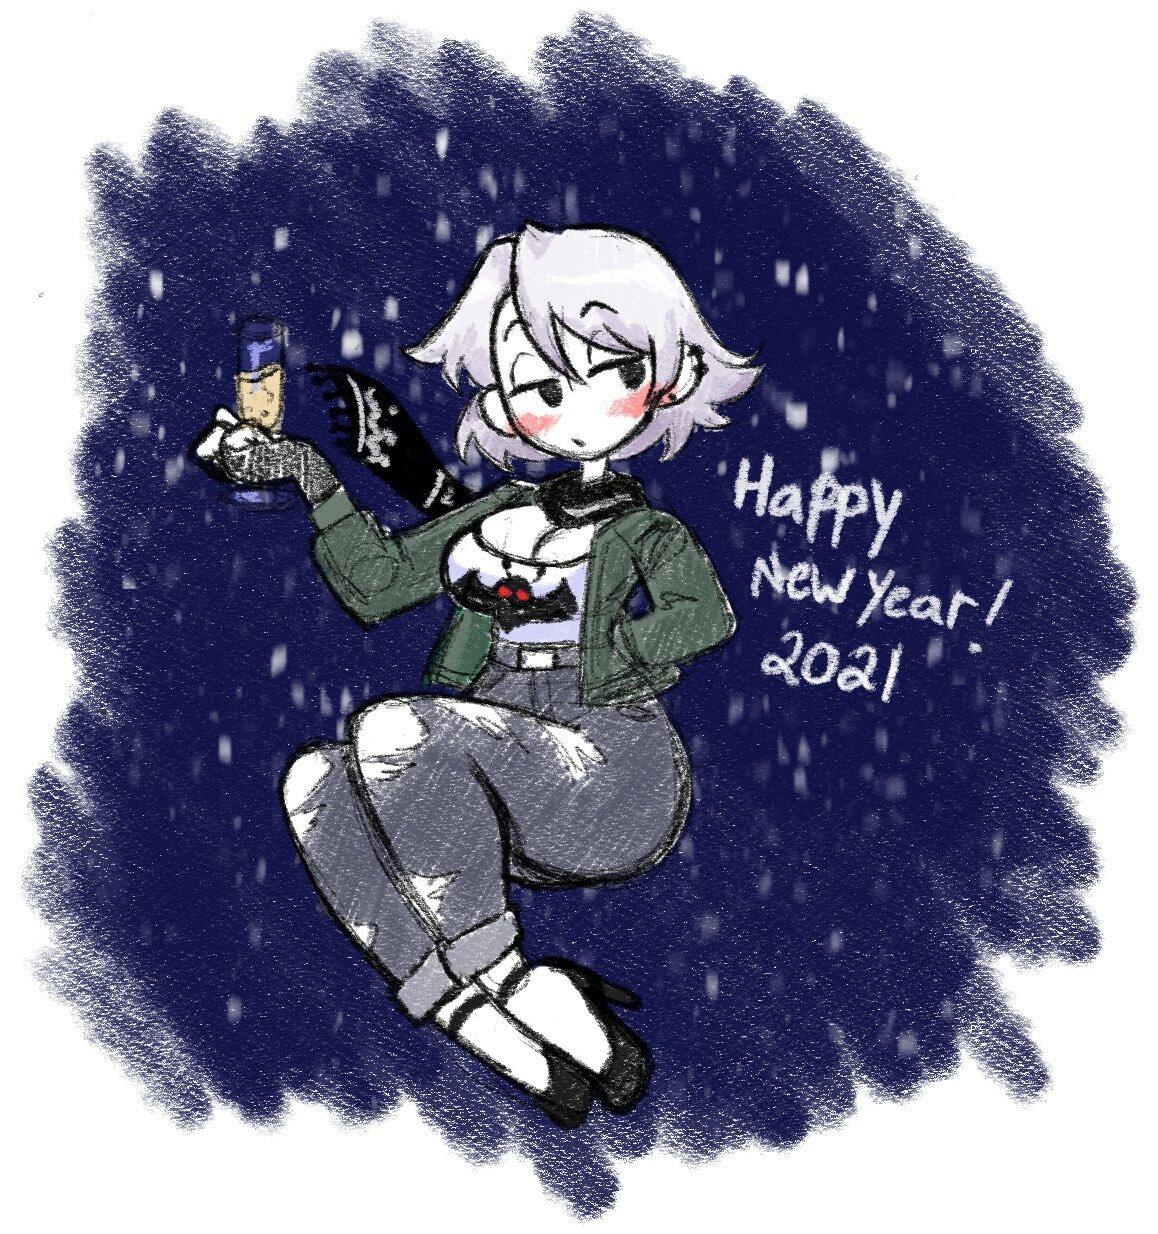 2020 new years!!